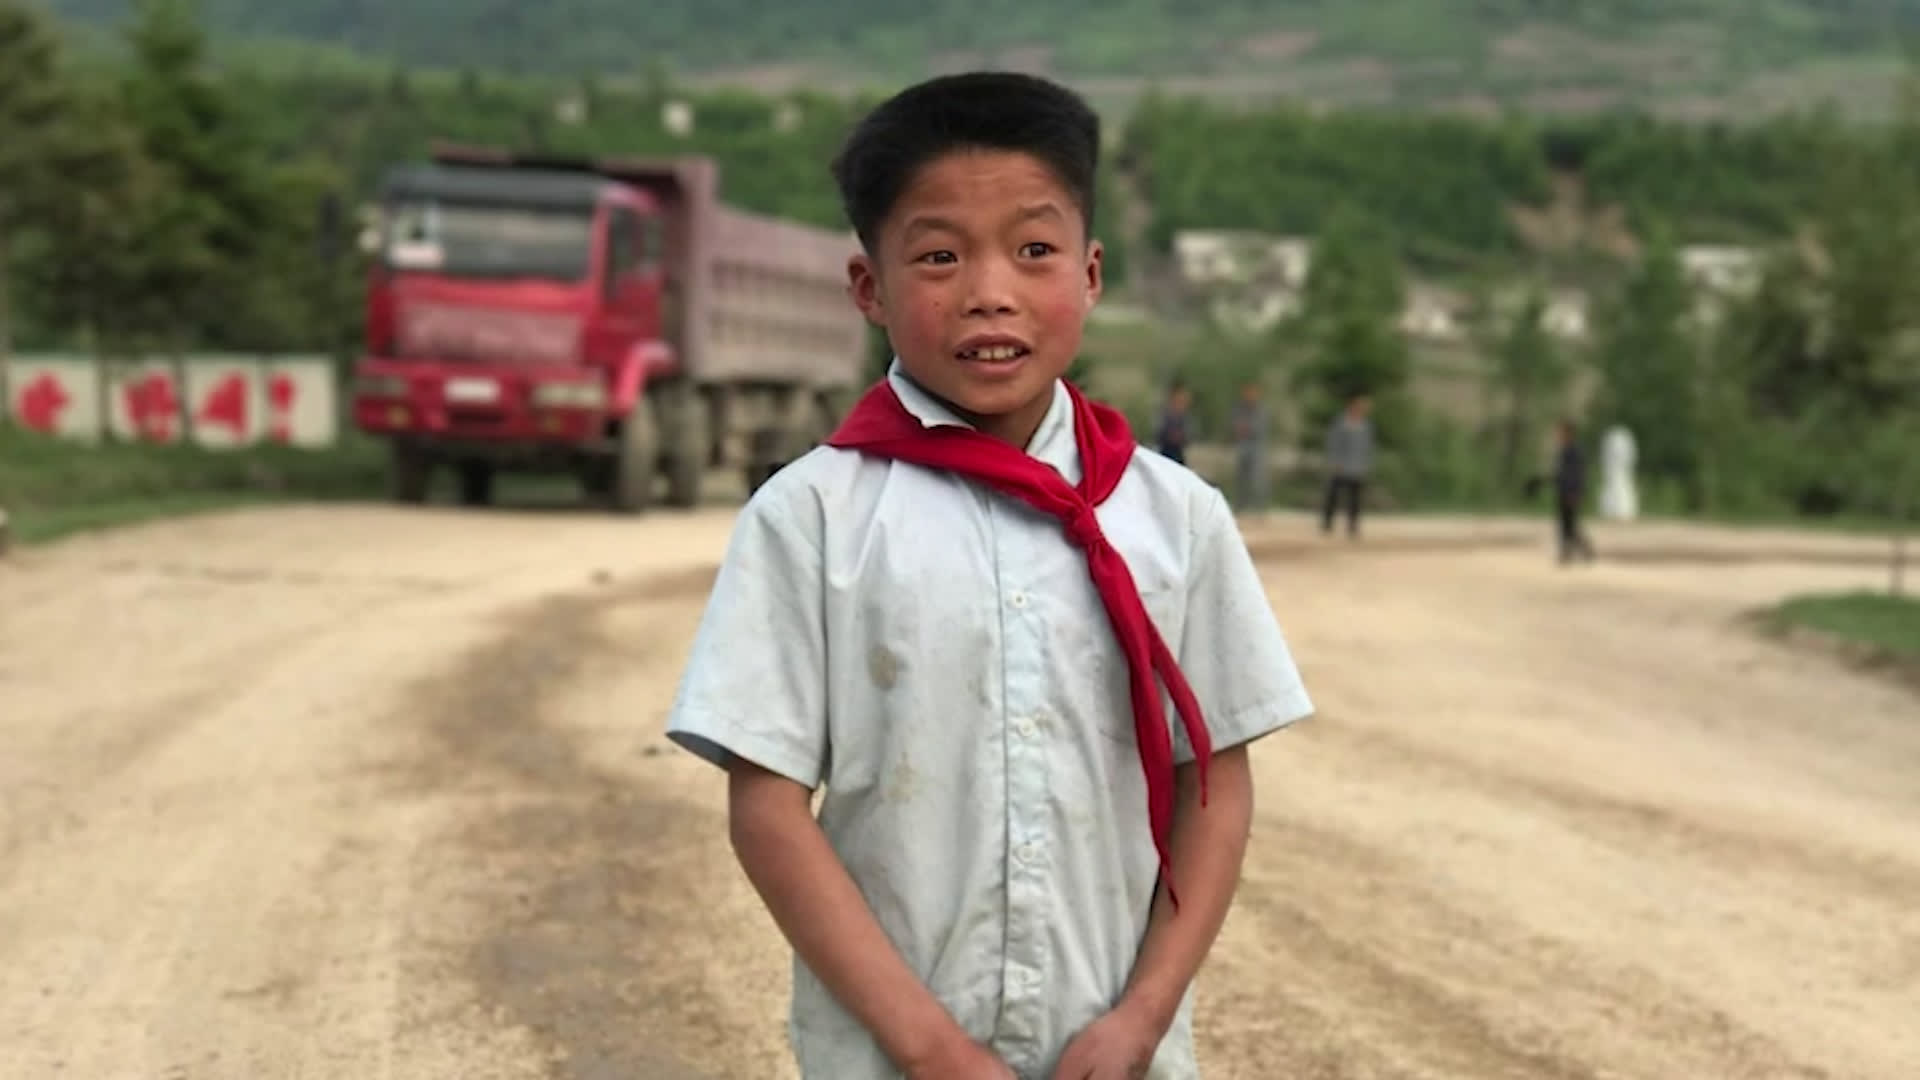 """كوريا الشمالية تزعم أنه """"تطوع"""".. أطفال وأيتام يعملون في مناجم الفحم والبناء"""